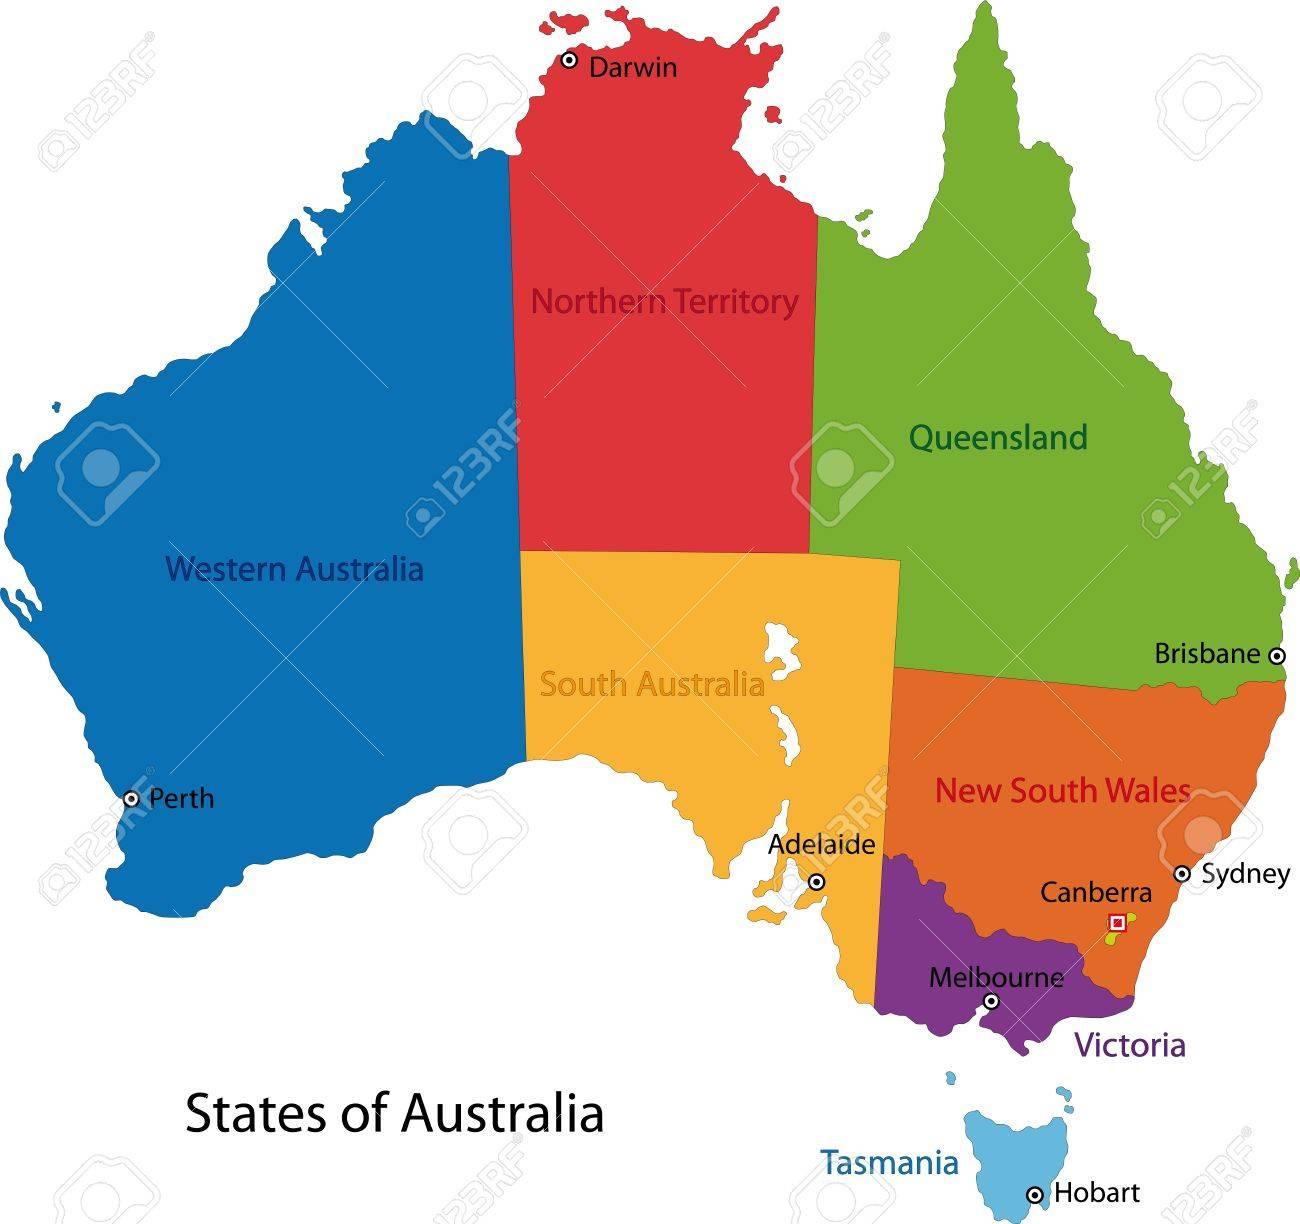 Carte Australie Avec Les Villes.Carte Coloree Australie Avec Les Regions Et Les Principales Villes